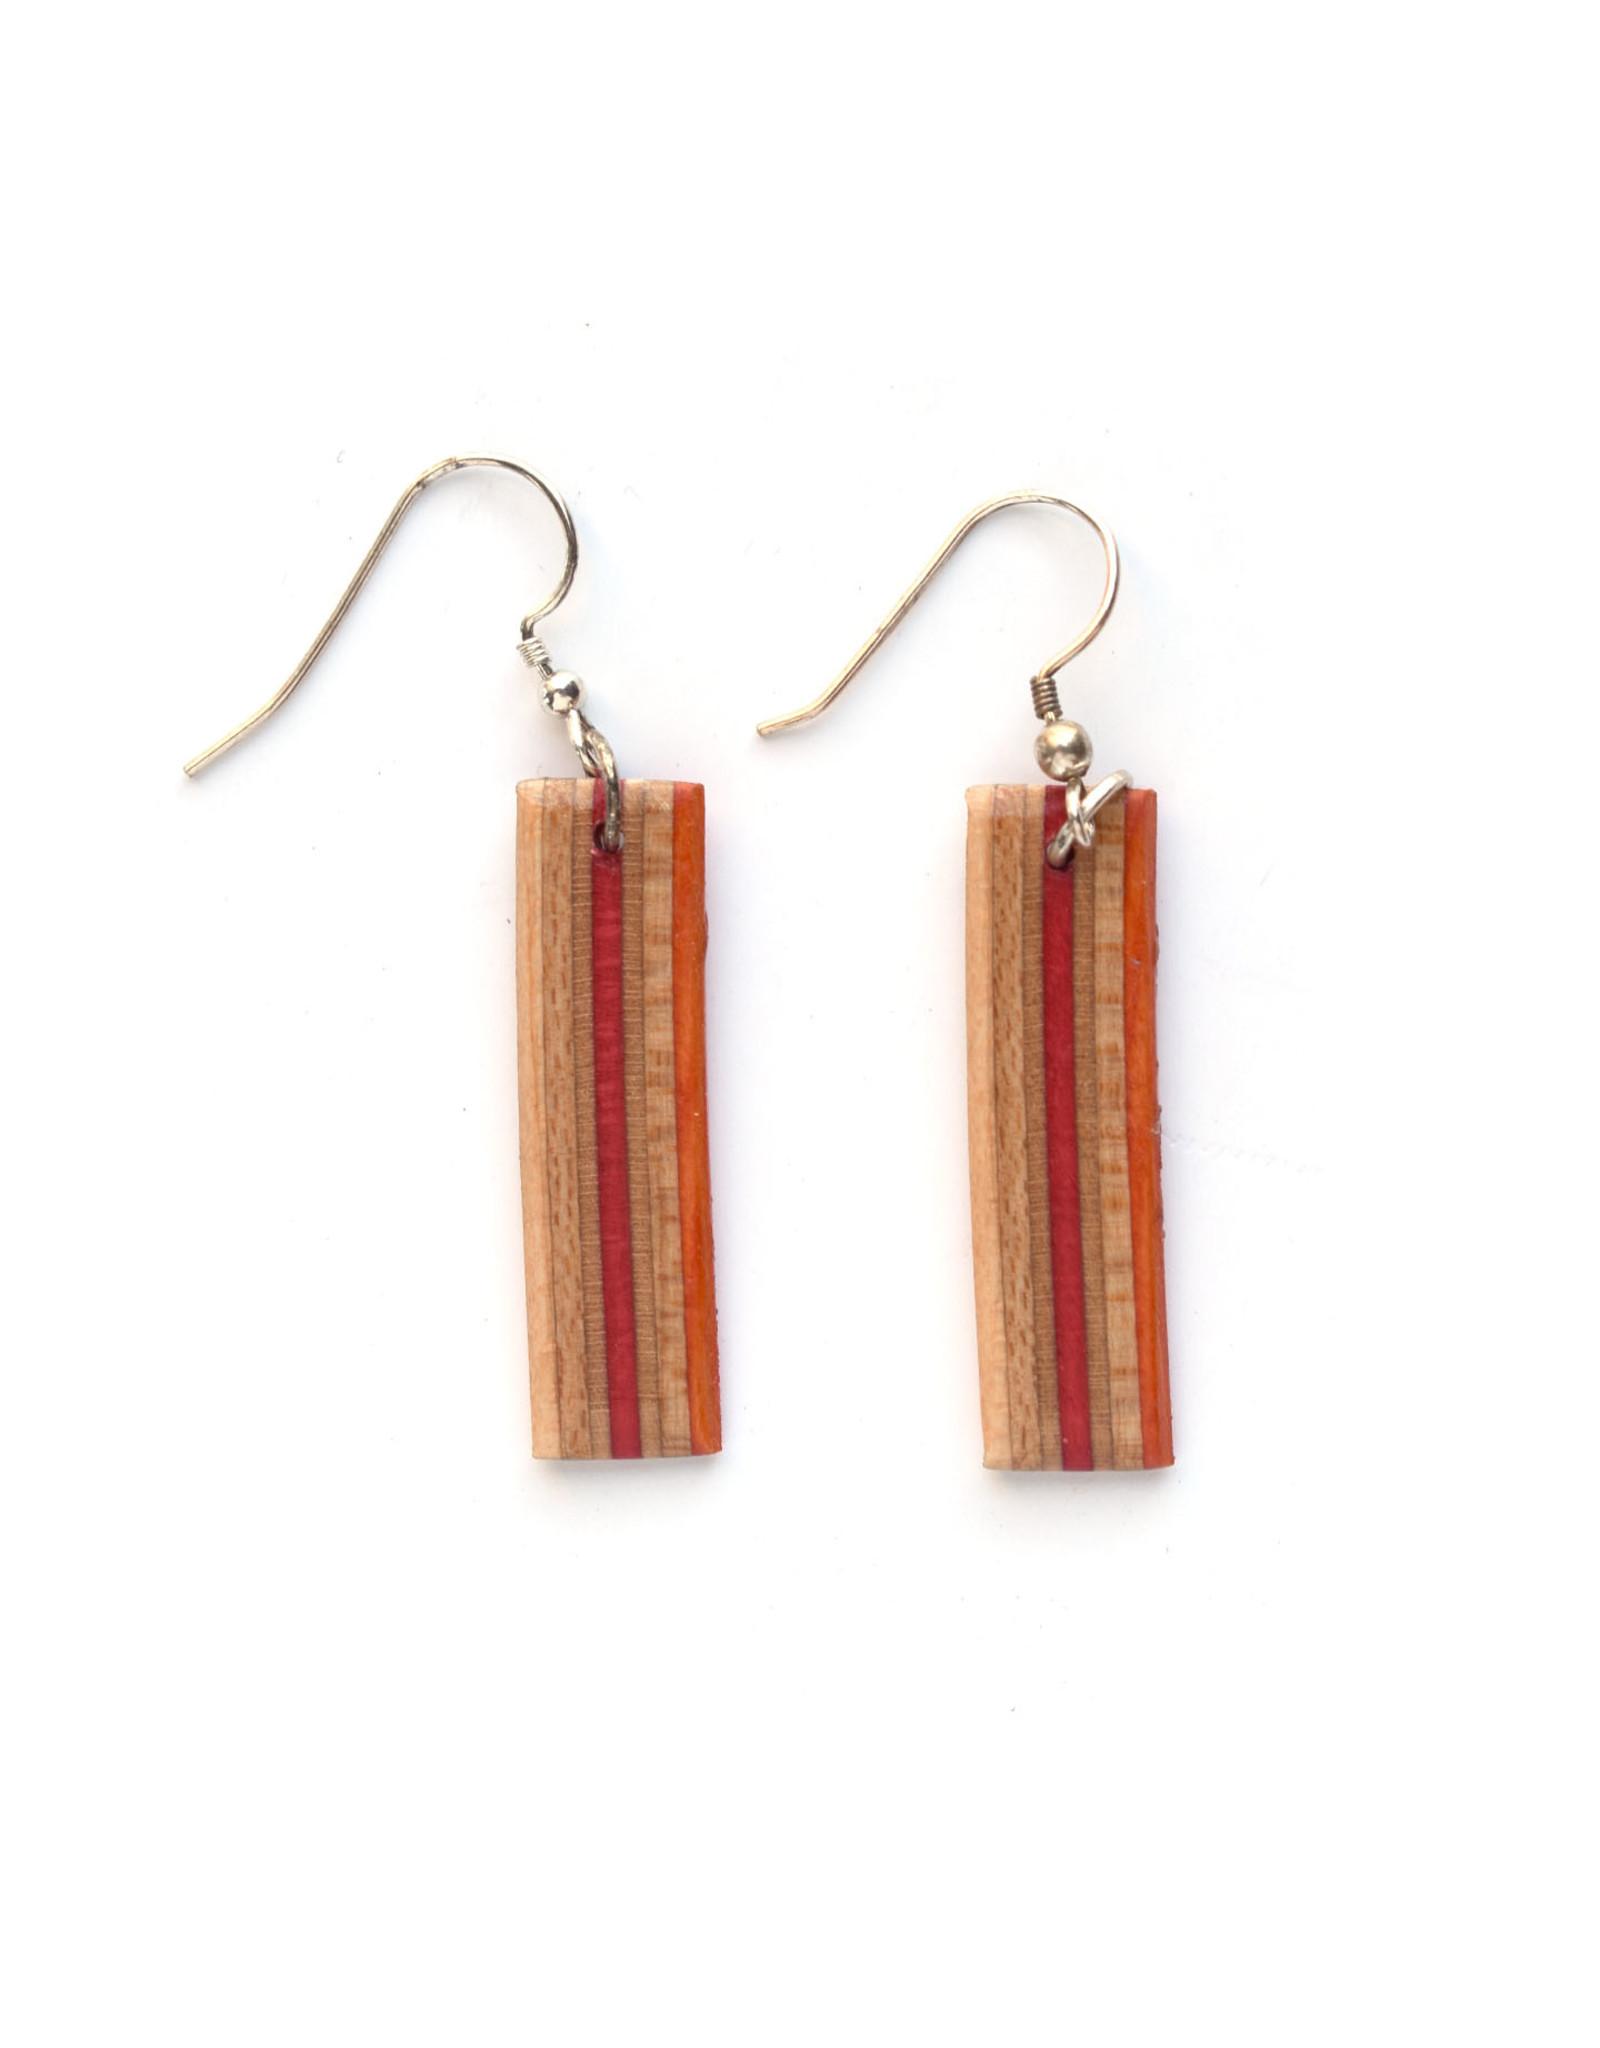 Skatedeck Earrings - Red and Orange